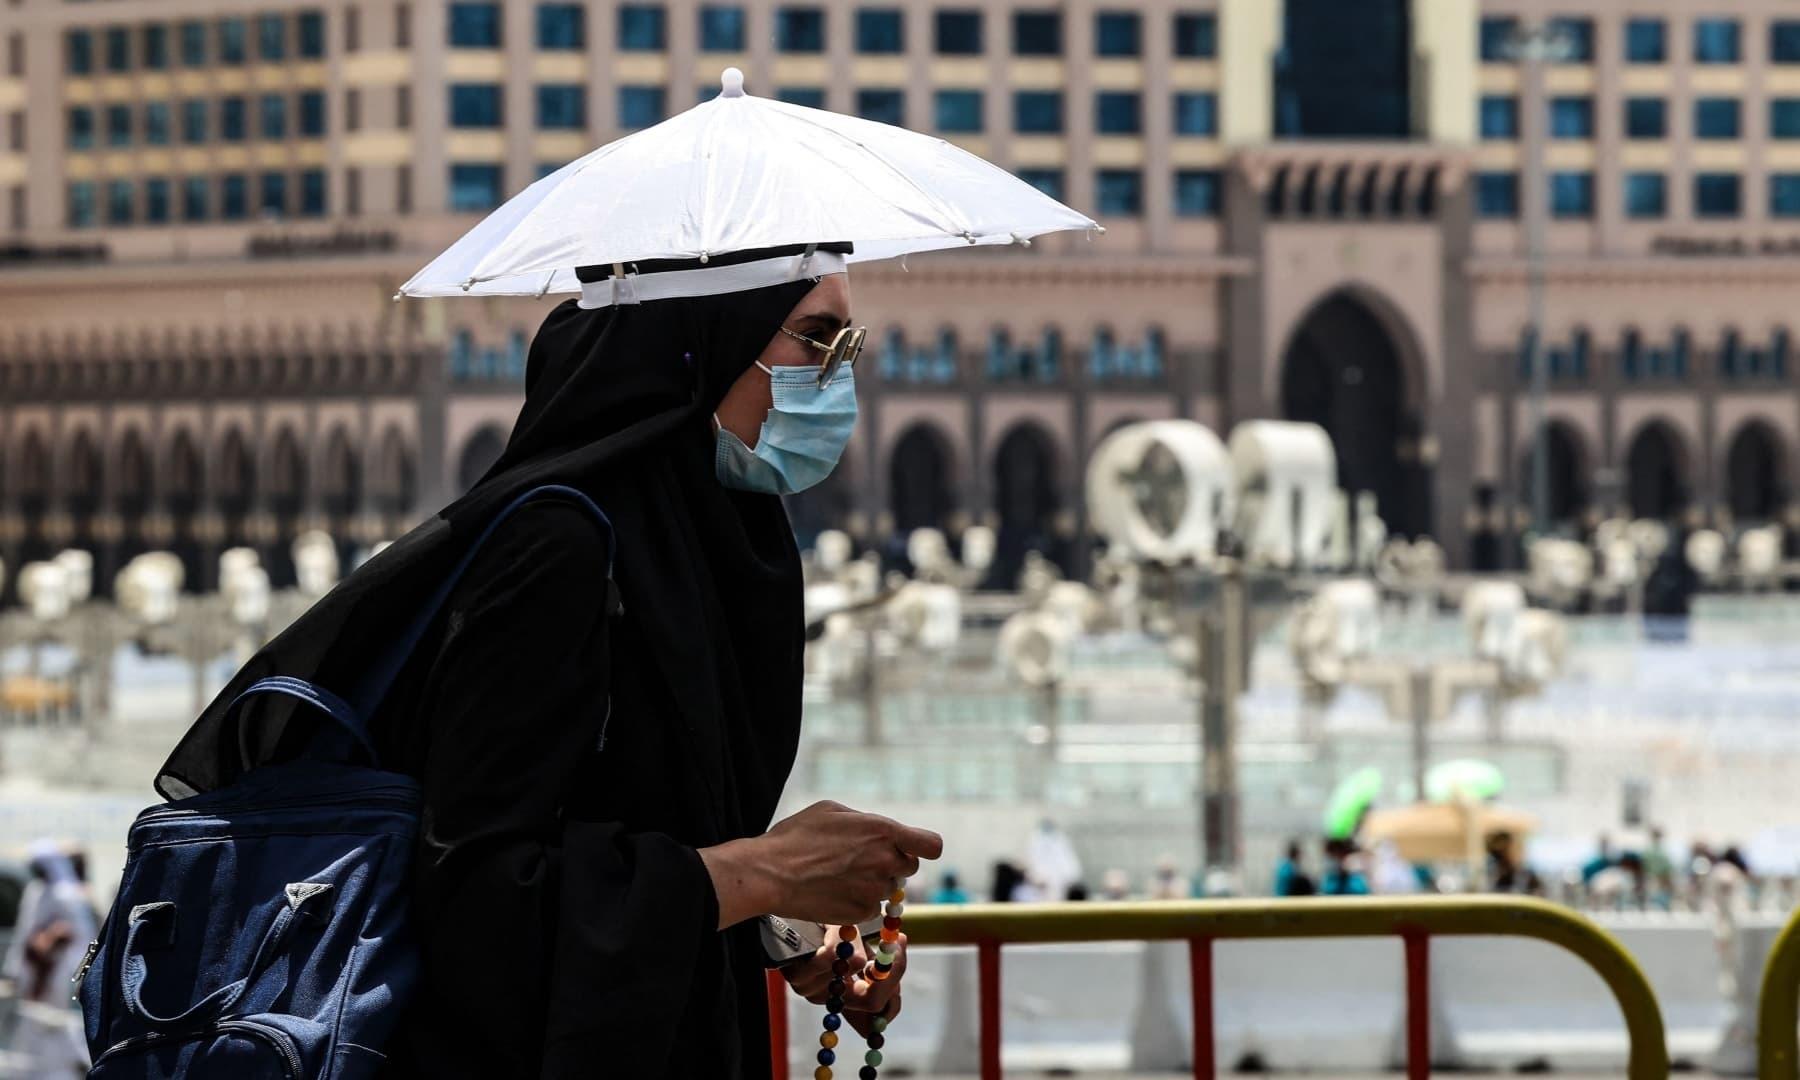 گرمی کی شدت سے بچنے کے لیے زائرین چھتریوں کا استعمال کر رہے ہیں - فوٹو:اے ایف پی